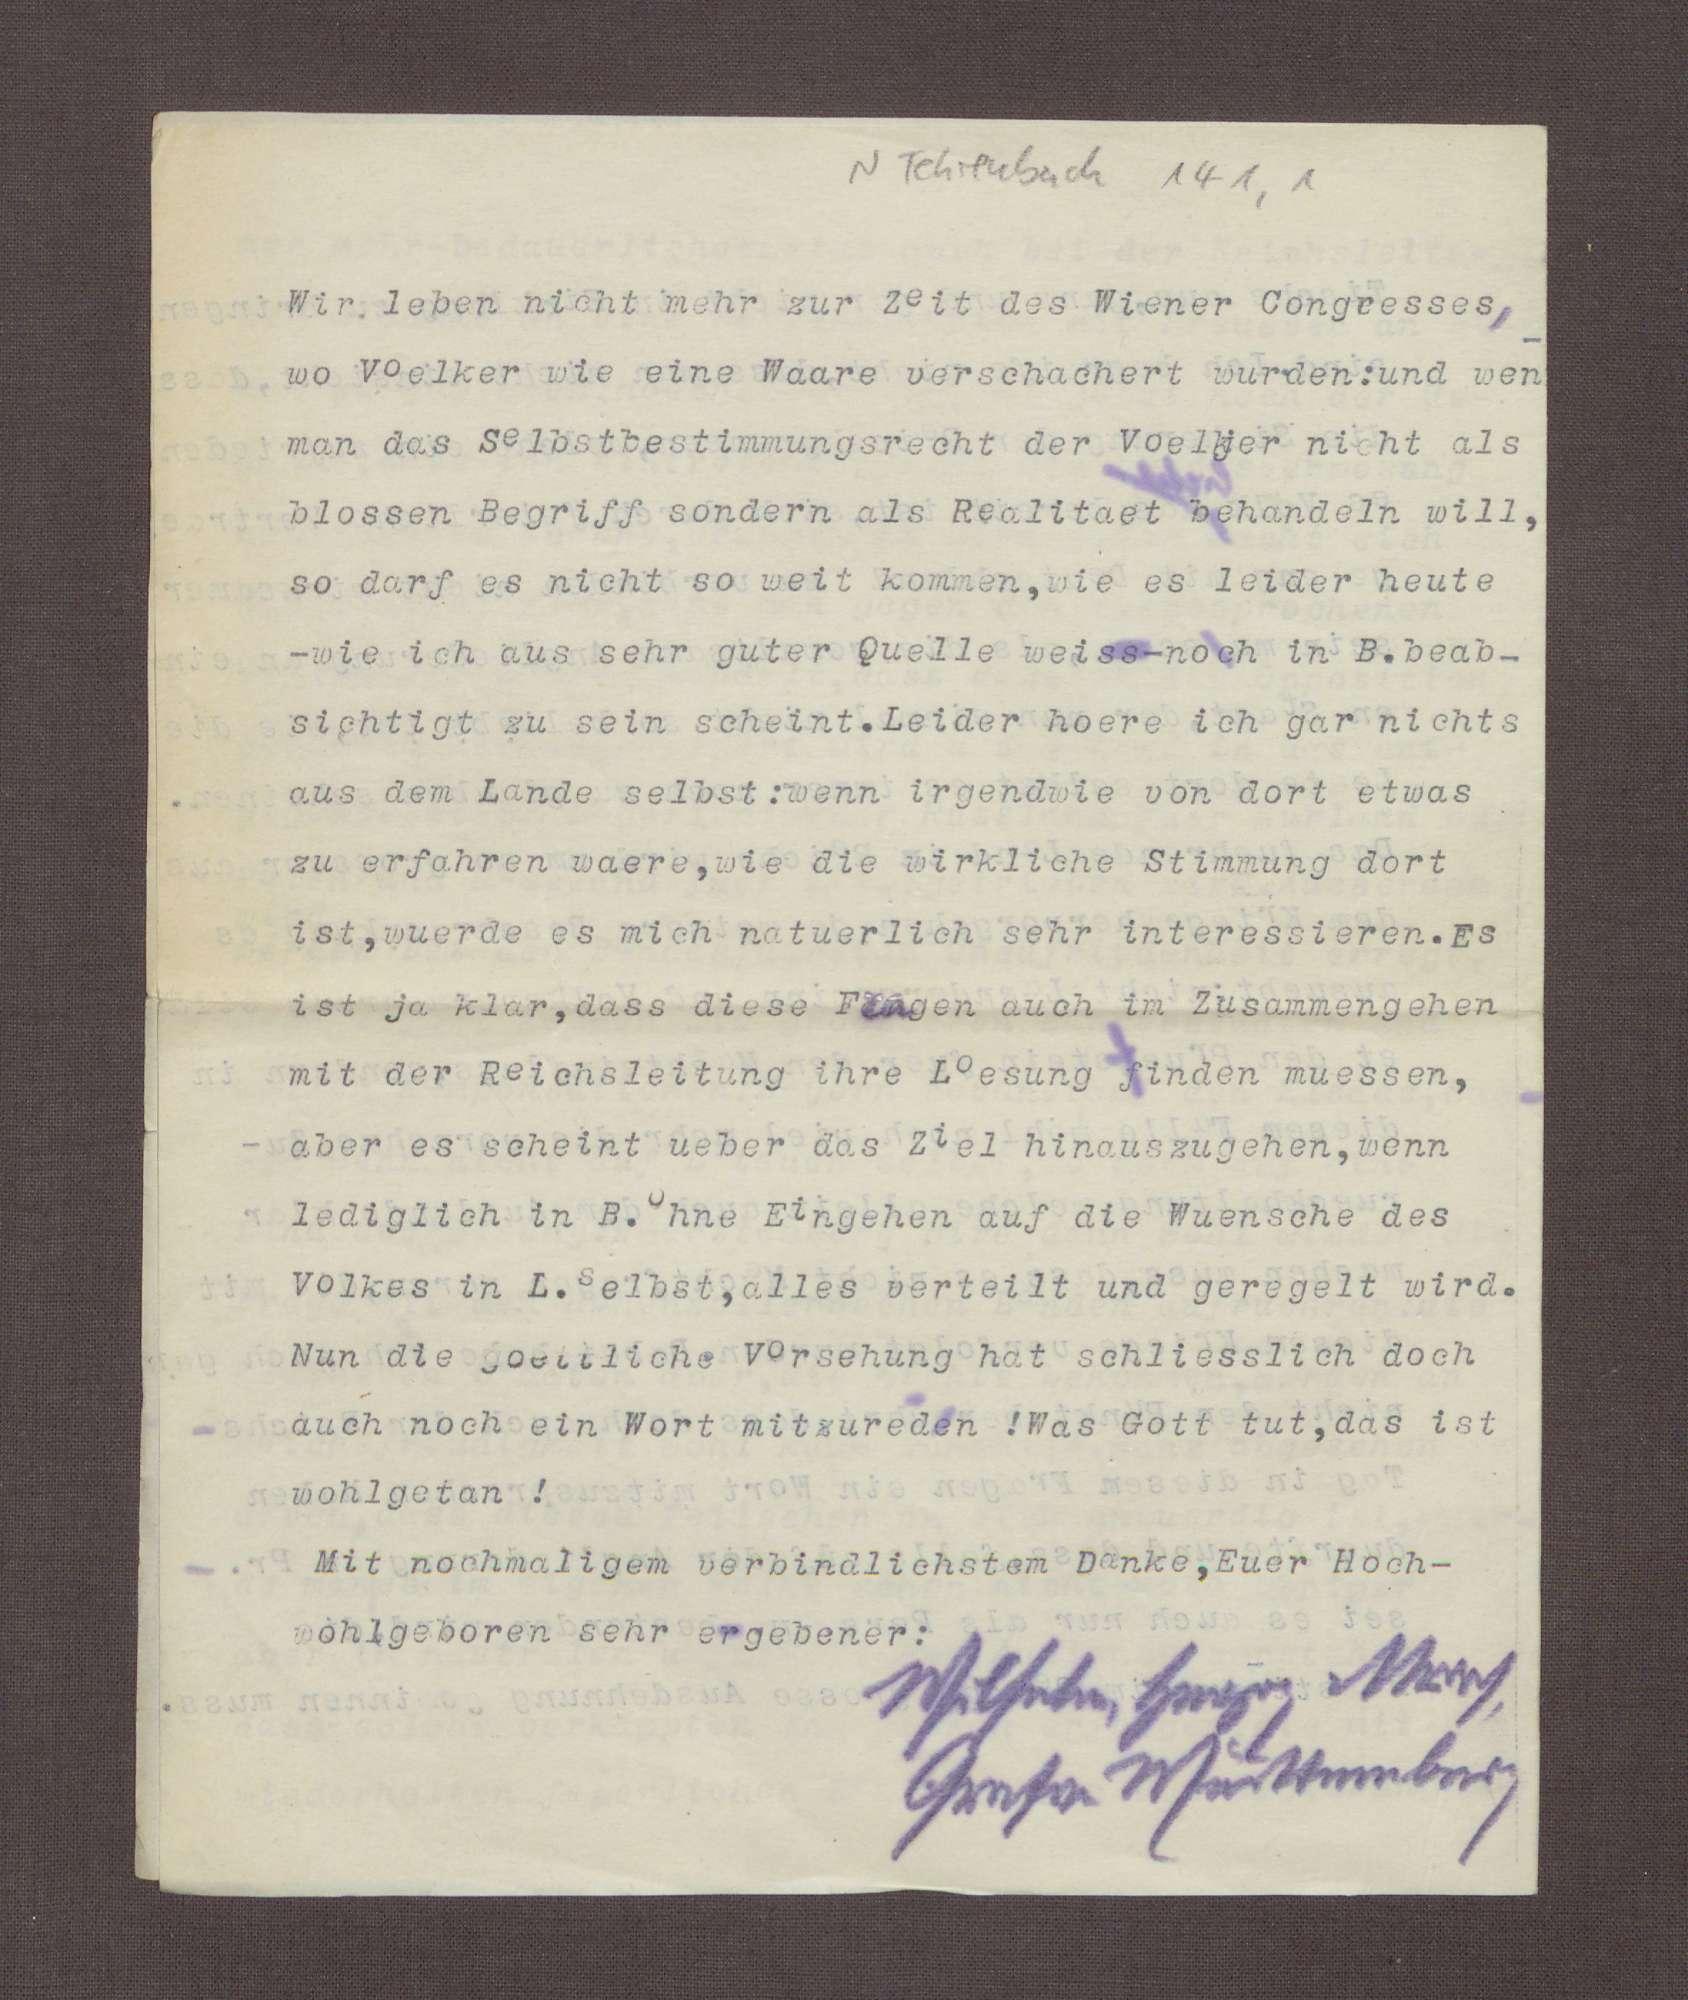 Schreiben von Wilhelm von Urach an Constantin Fehrenbach, Politische Lage in Litauen und Kurland, Bild 3